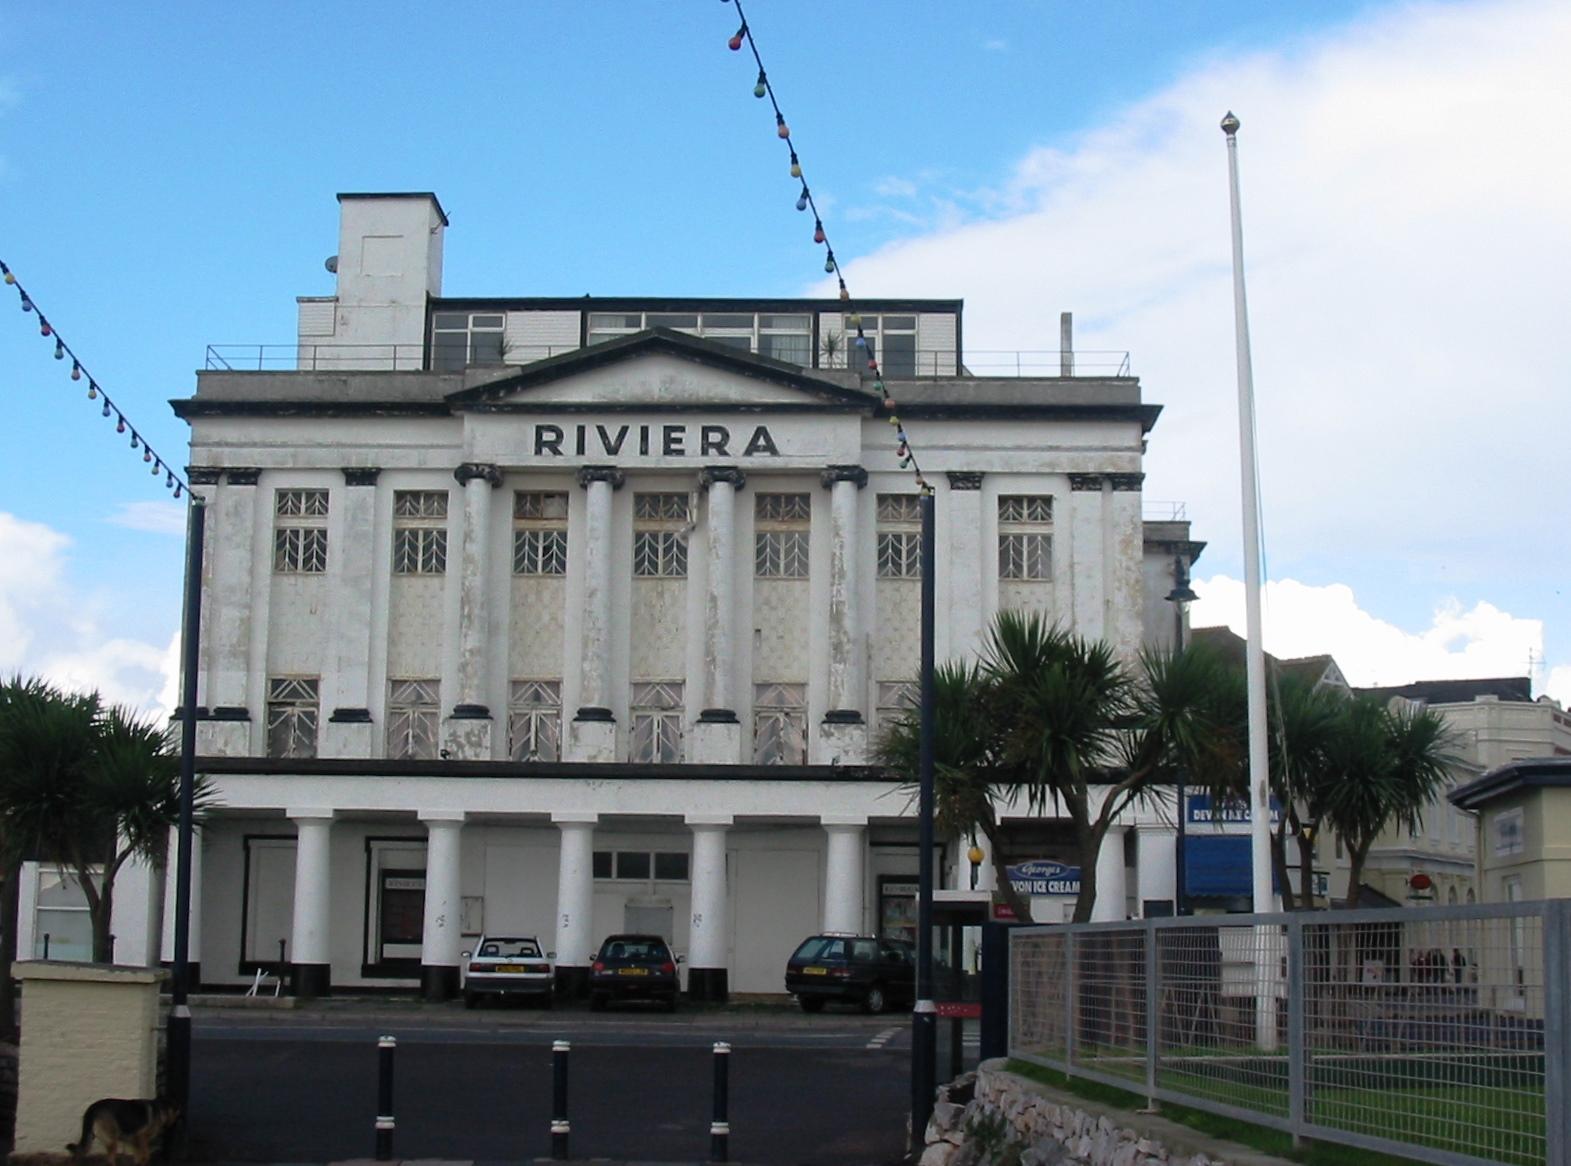 The Riviera Building circa 2005